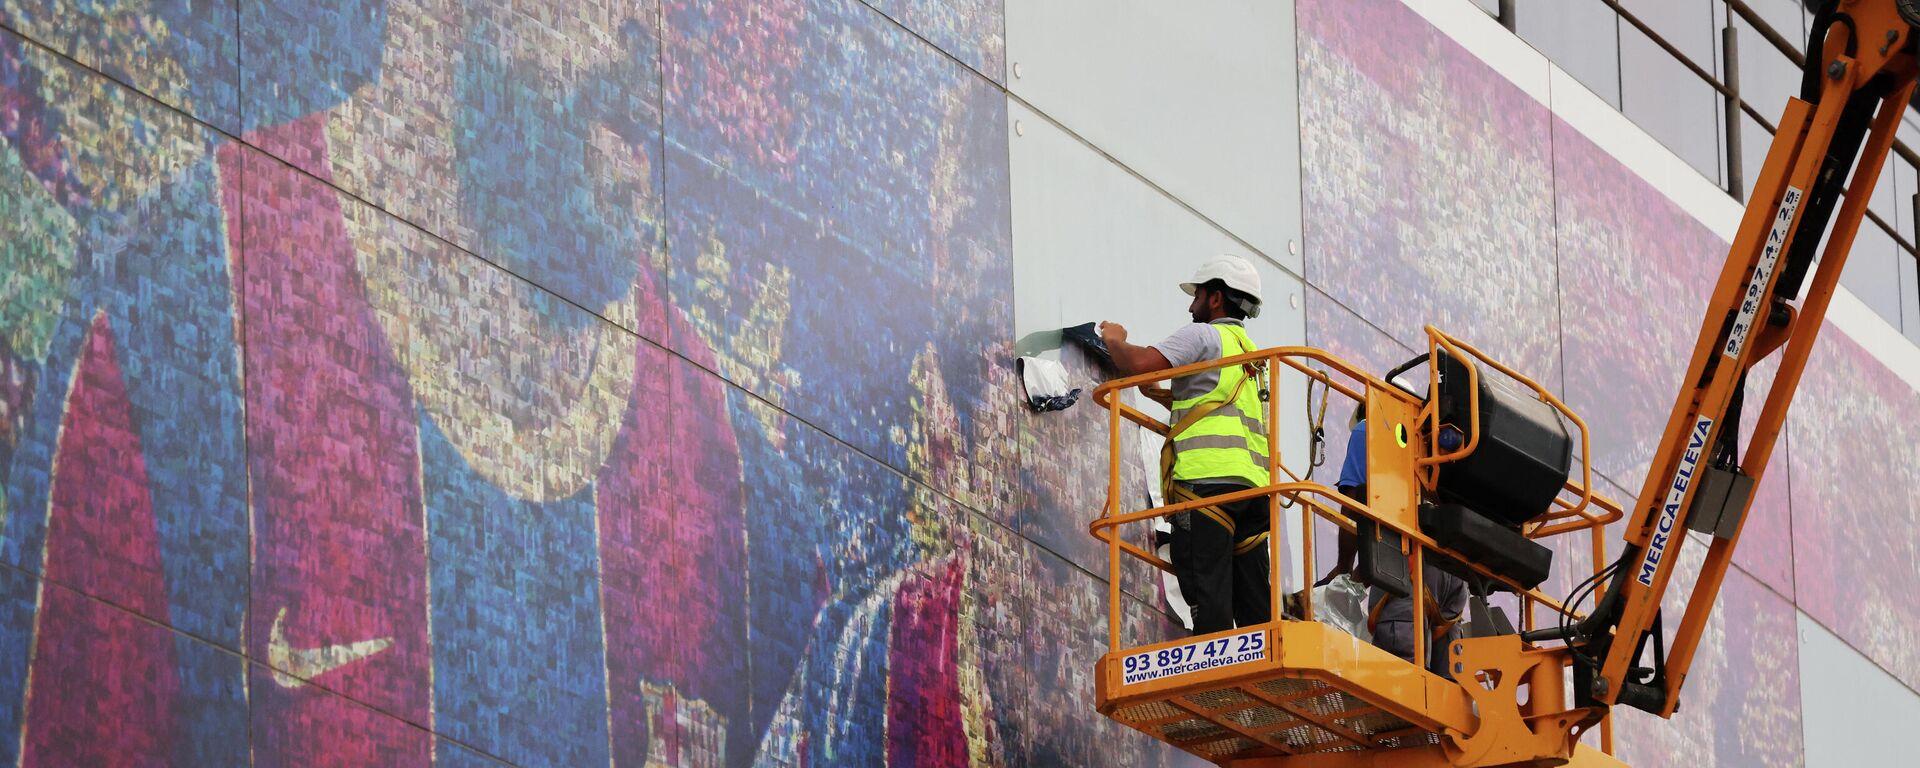 El FC Barcelona retira los carteles de Messi del Camp Nou - Sputnik Mundo, 1920, 10.08.2021